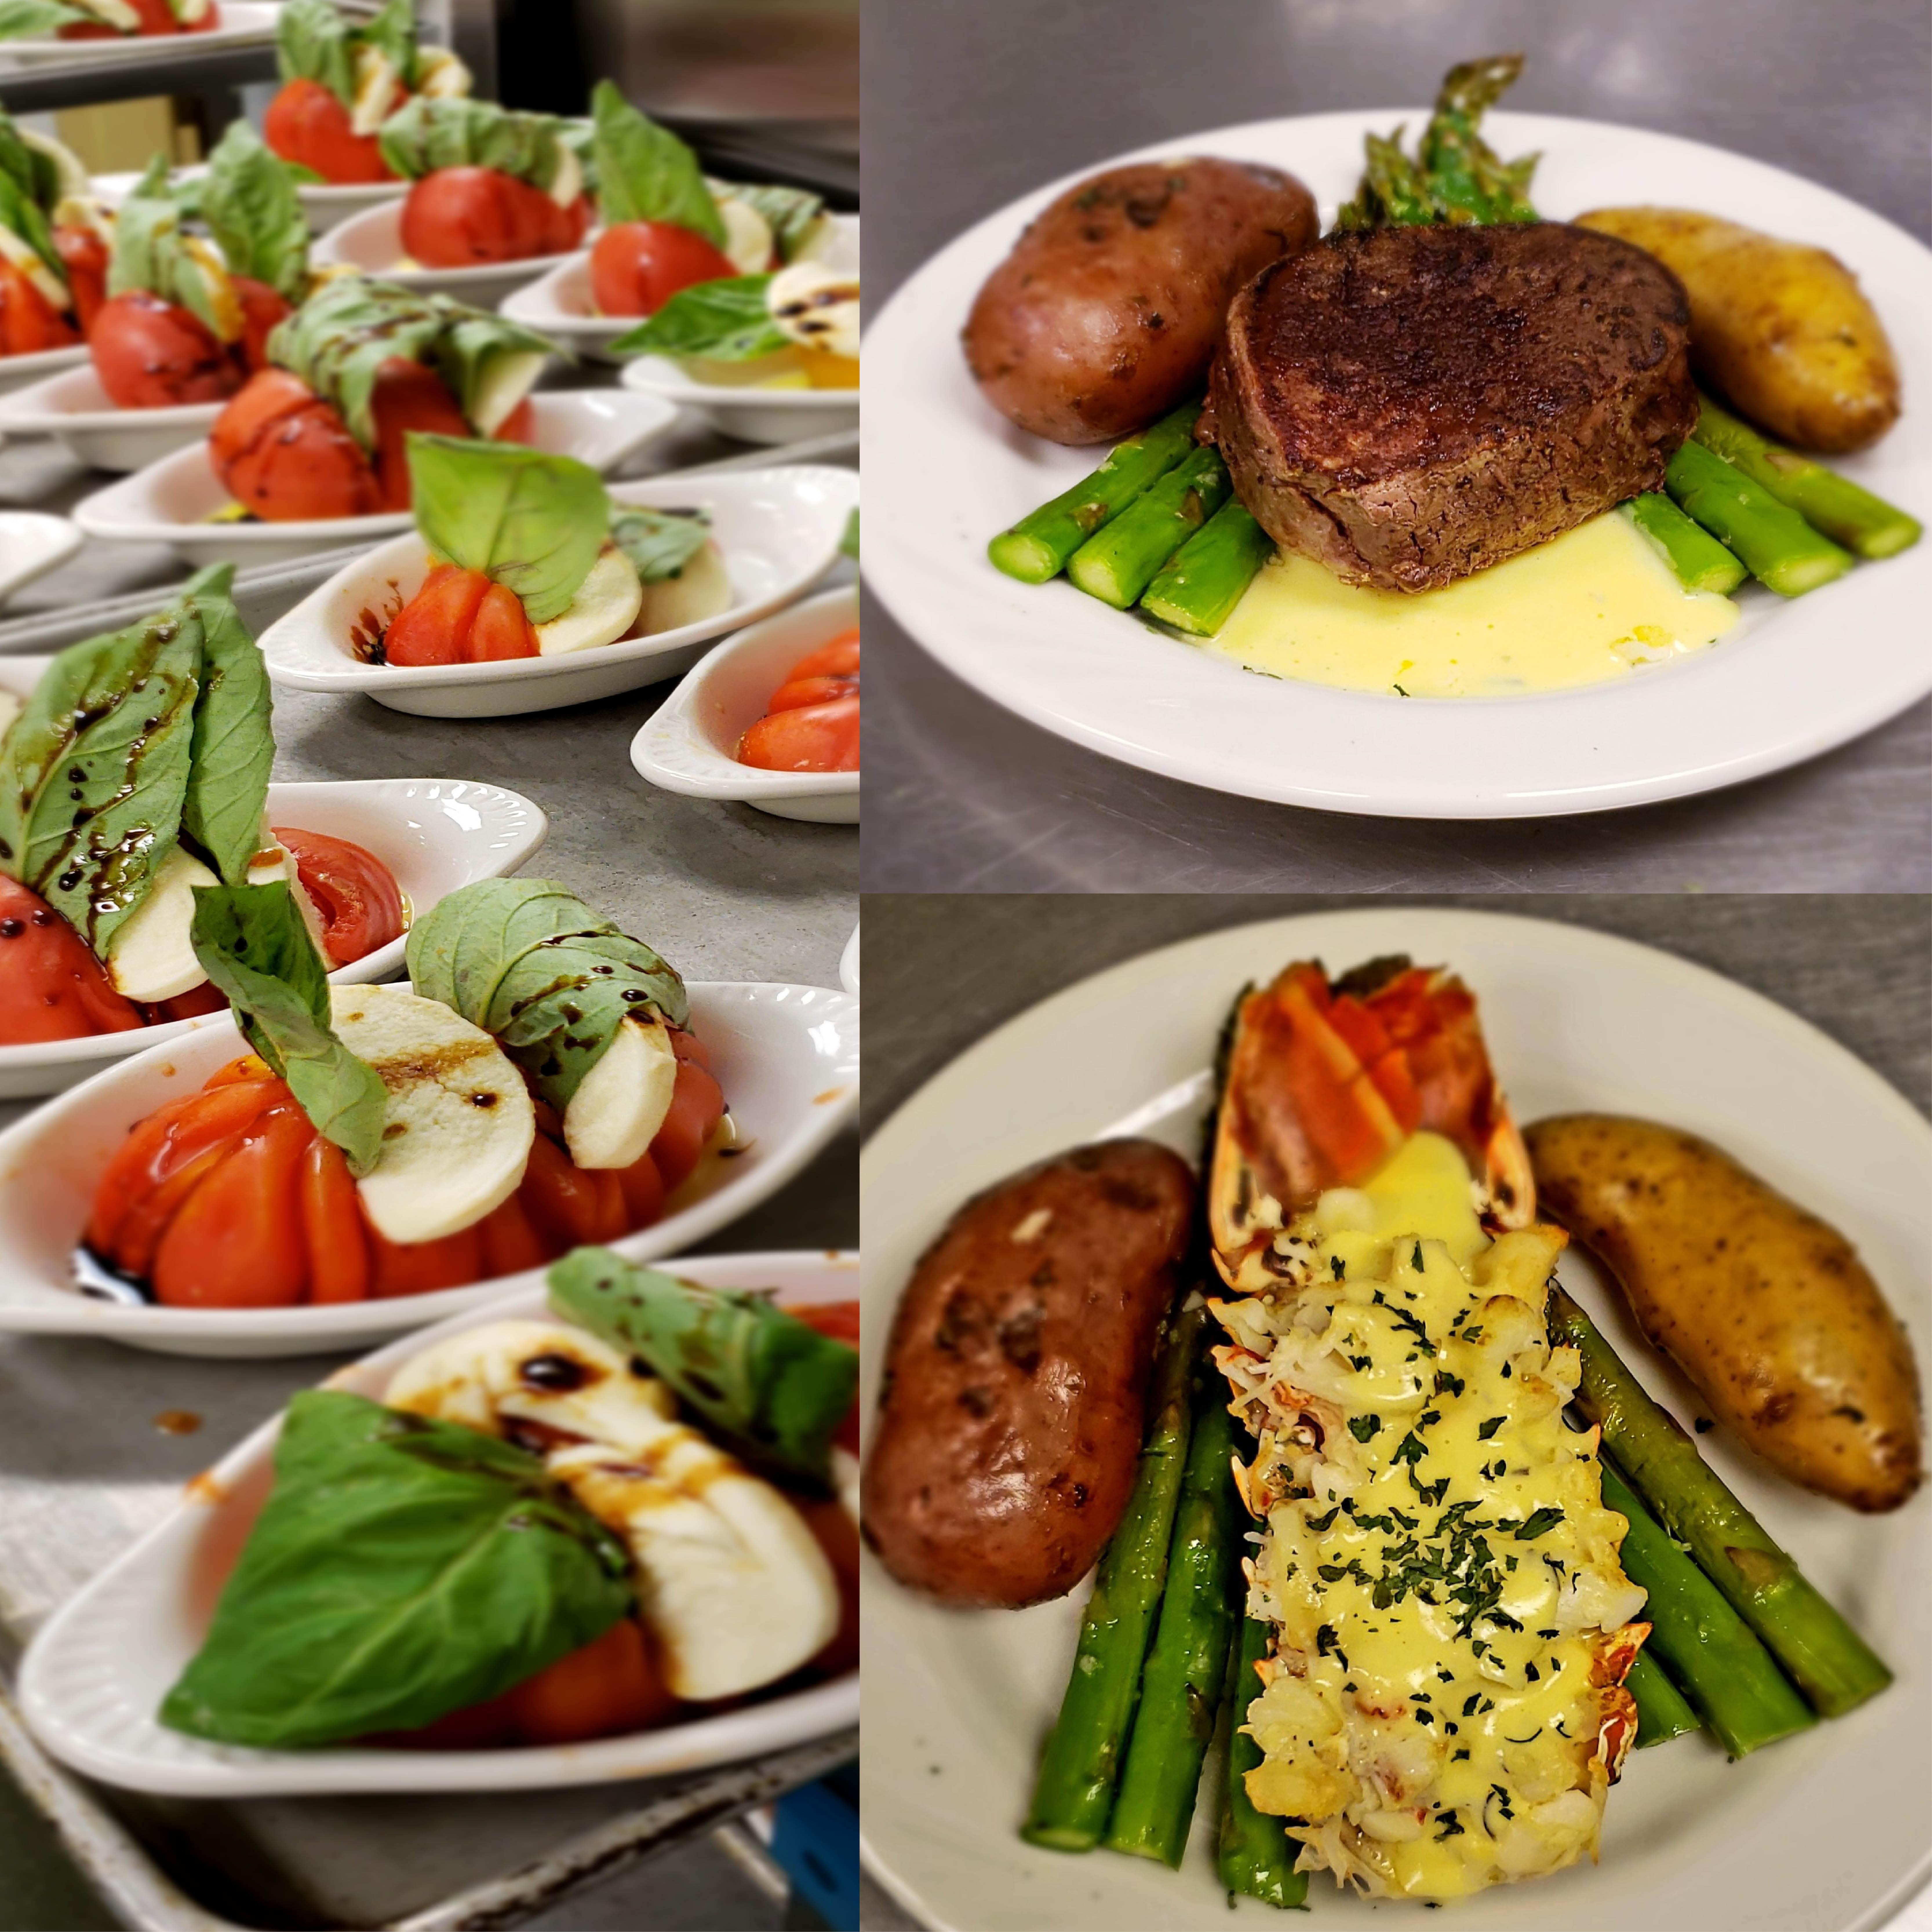 Fine dining at Elegance Hamilton Hill in Novato, California